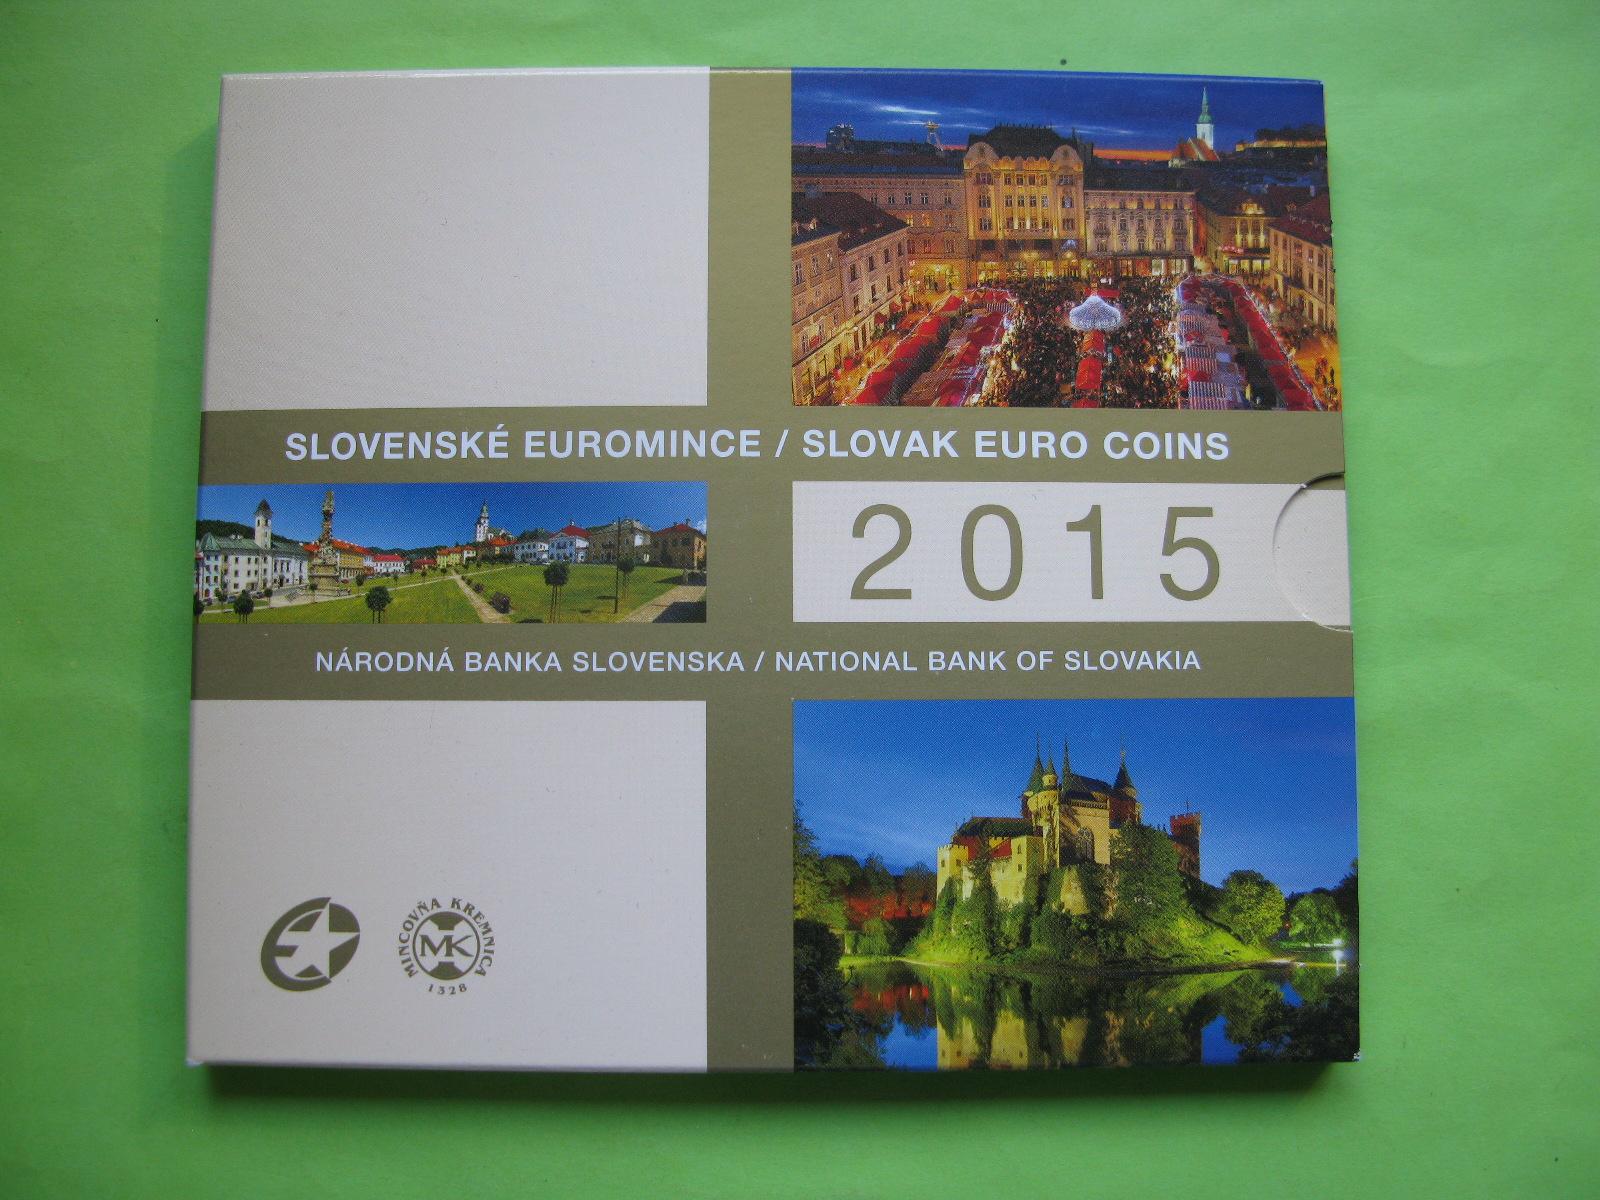 Словакия официальный набор евро 2015 г.